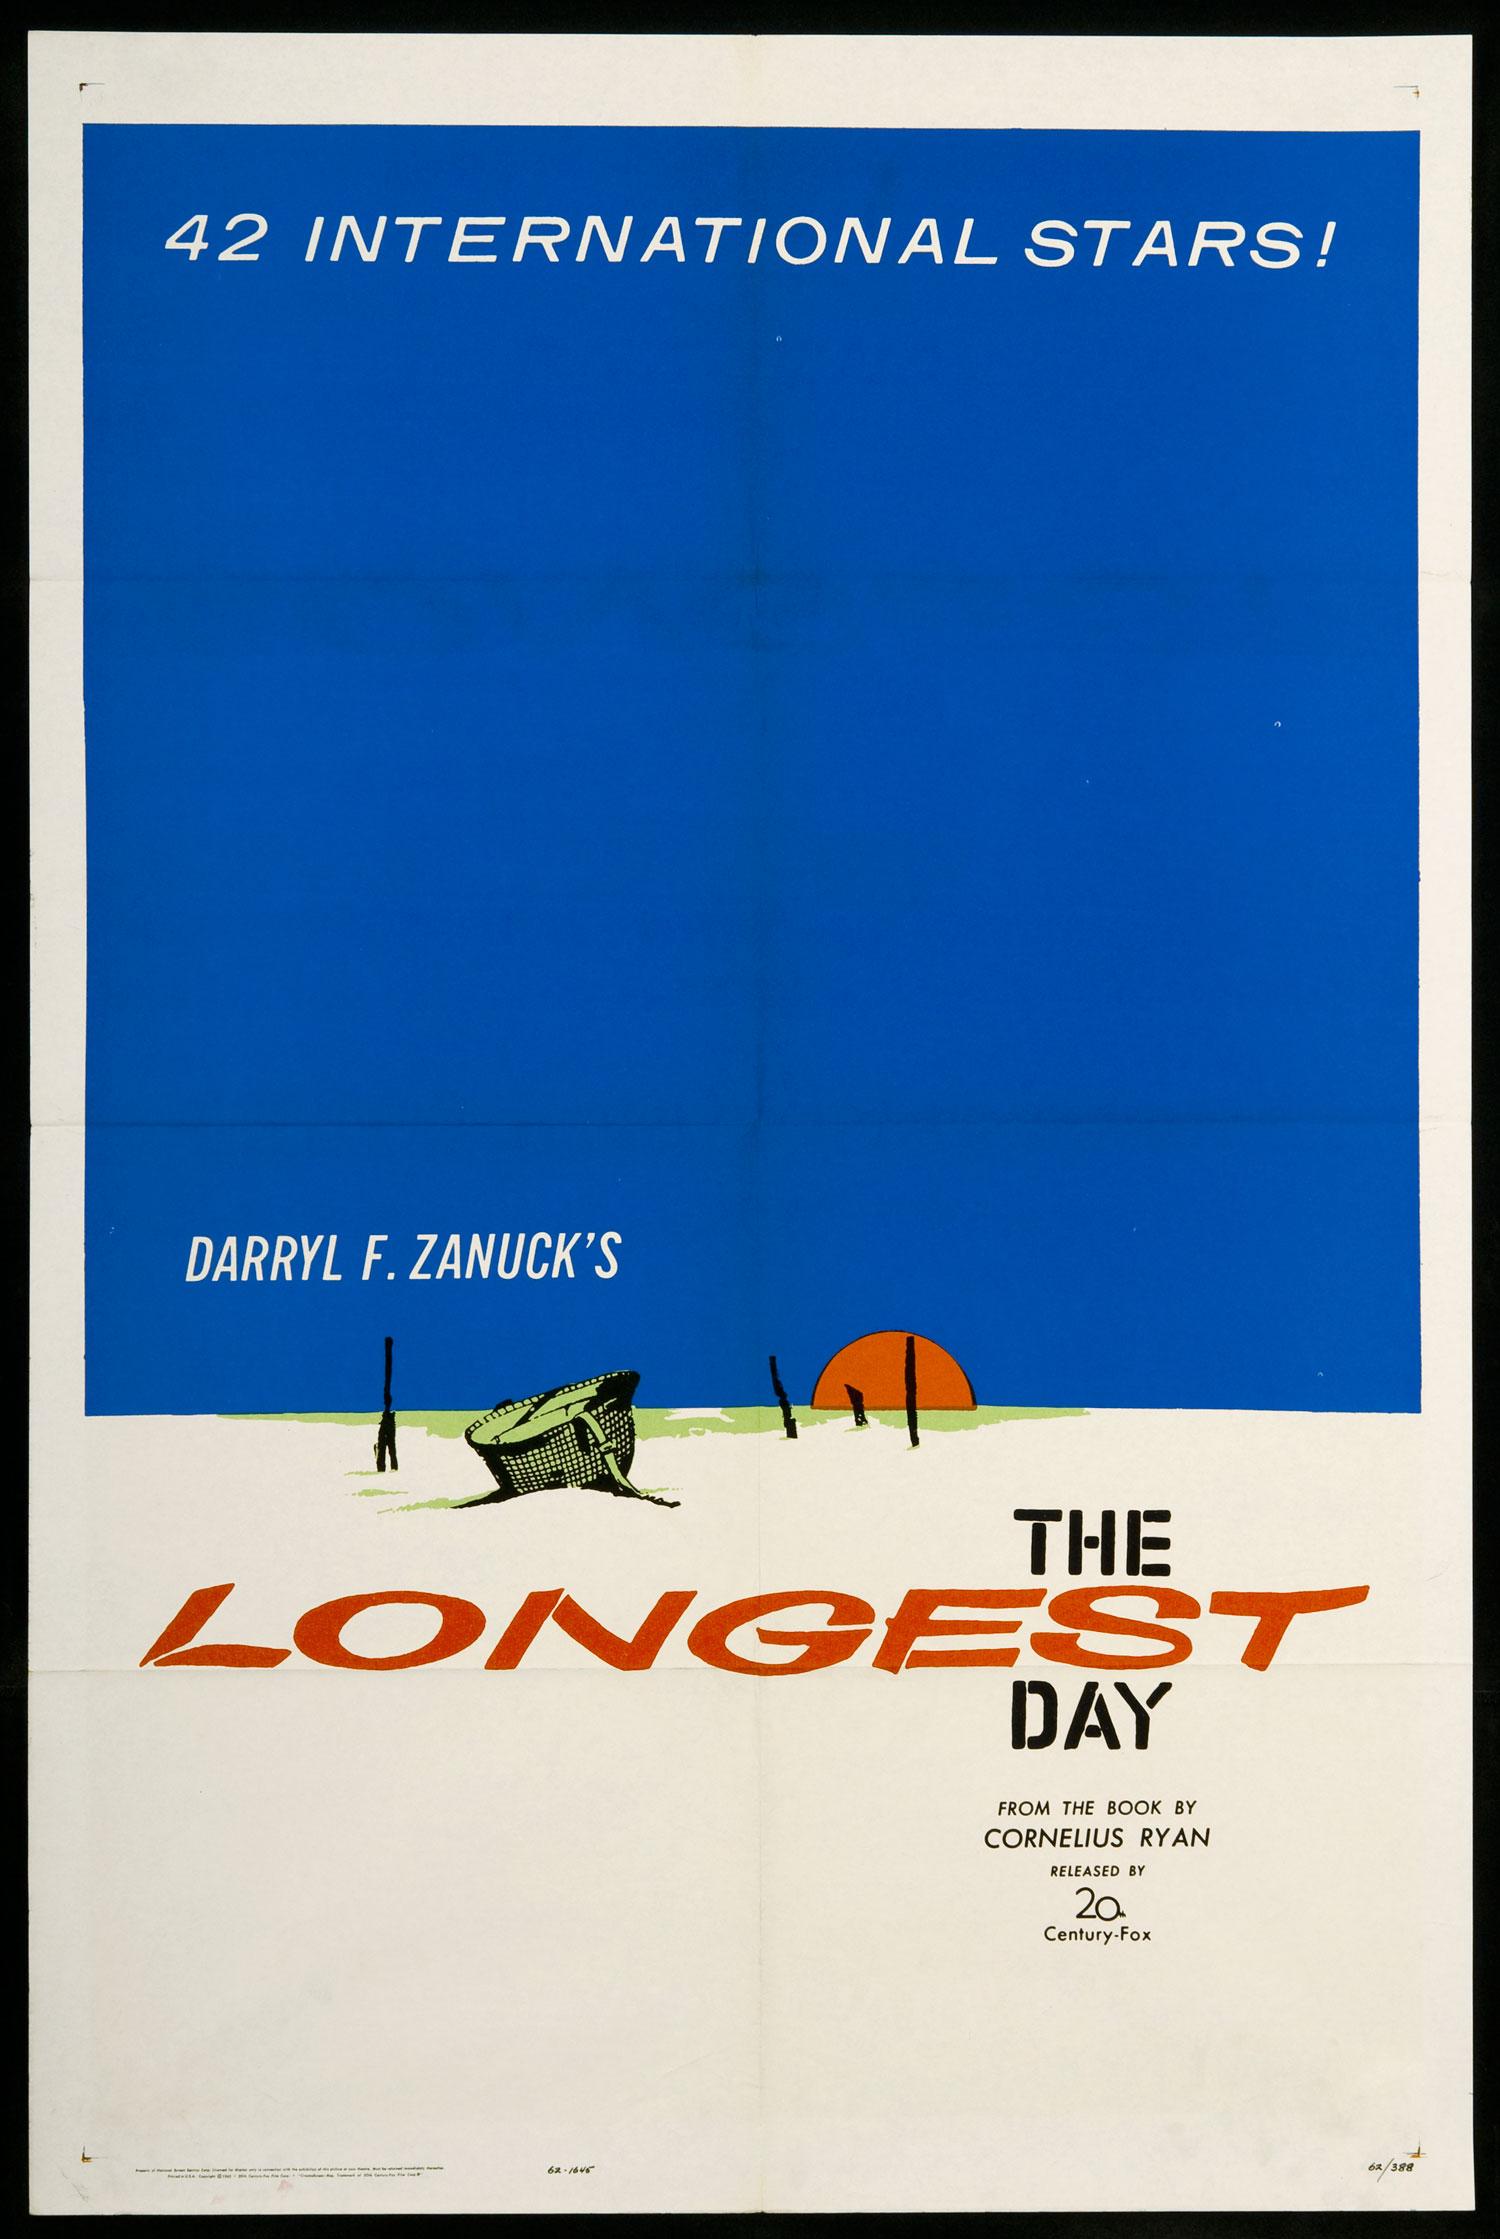 El día más largo